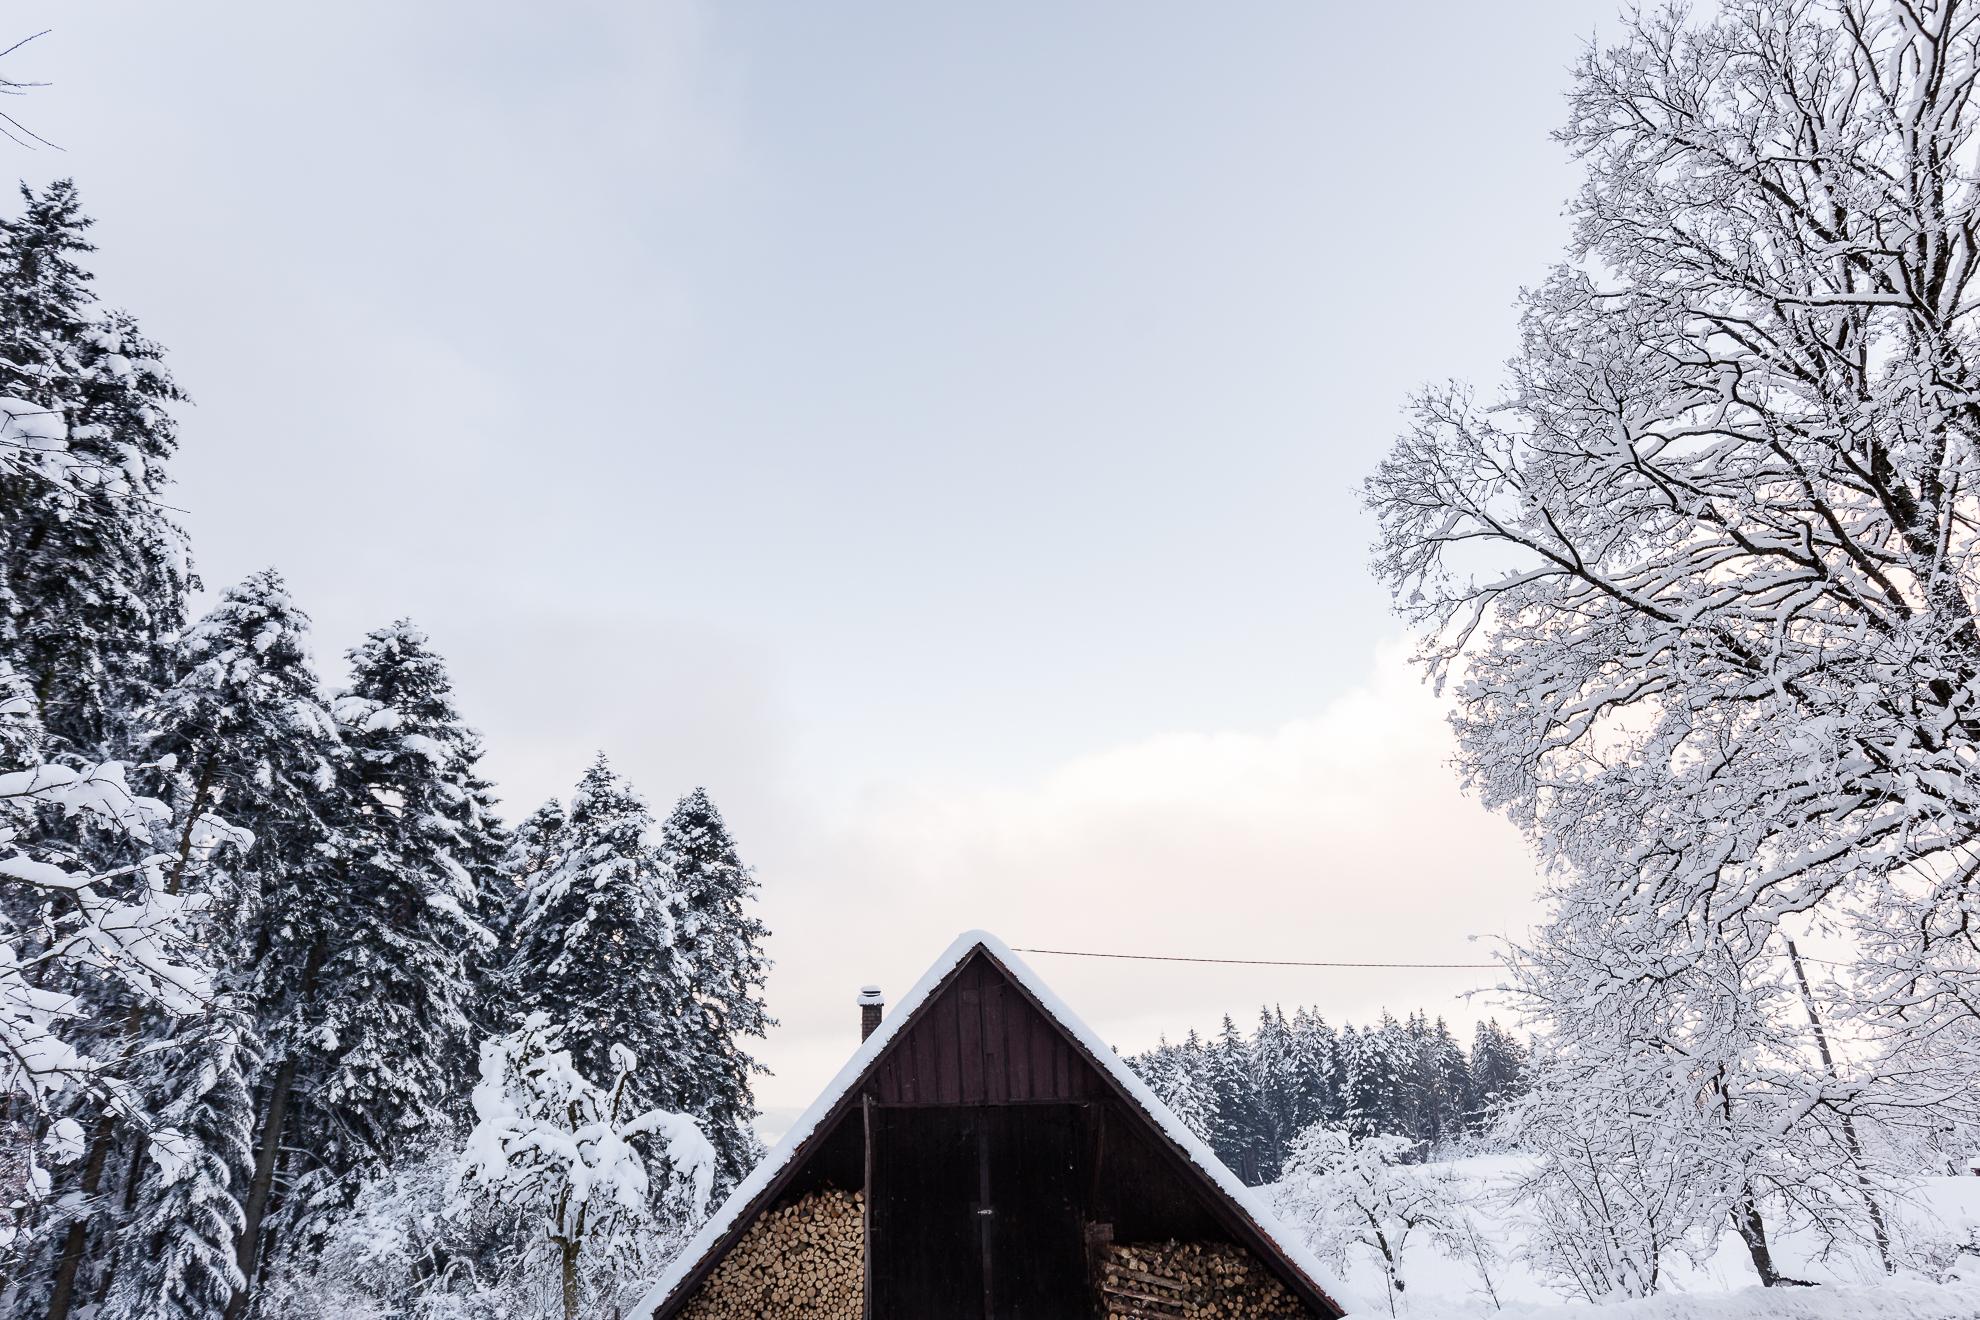 AB_20171202_Zell-Winter-Walks_060-40.jpg